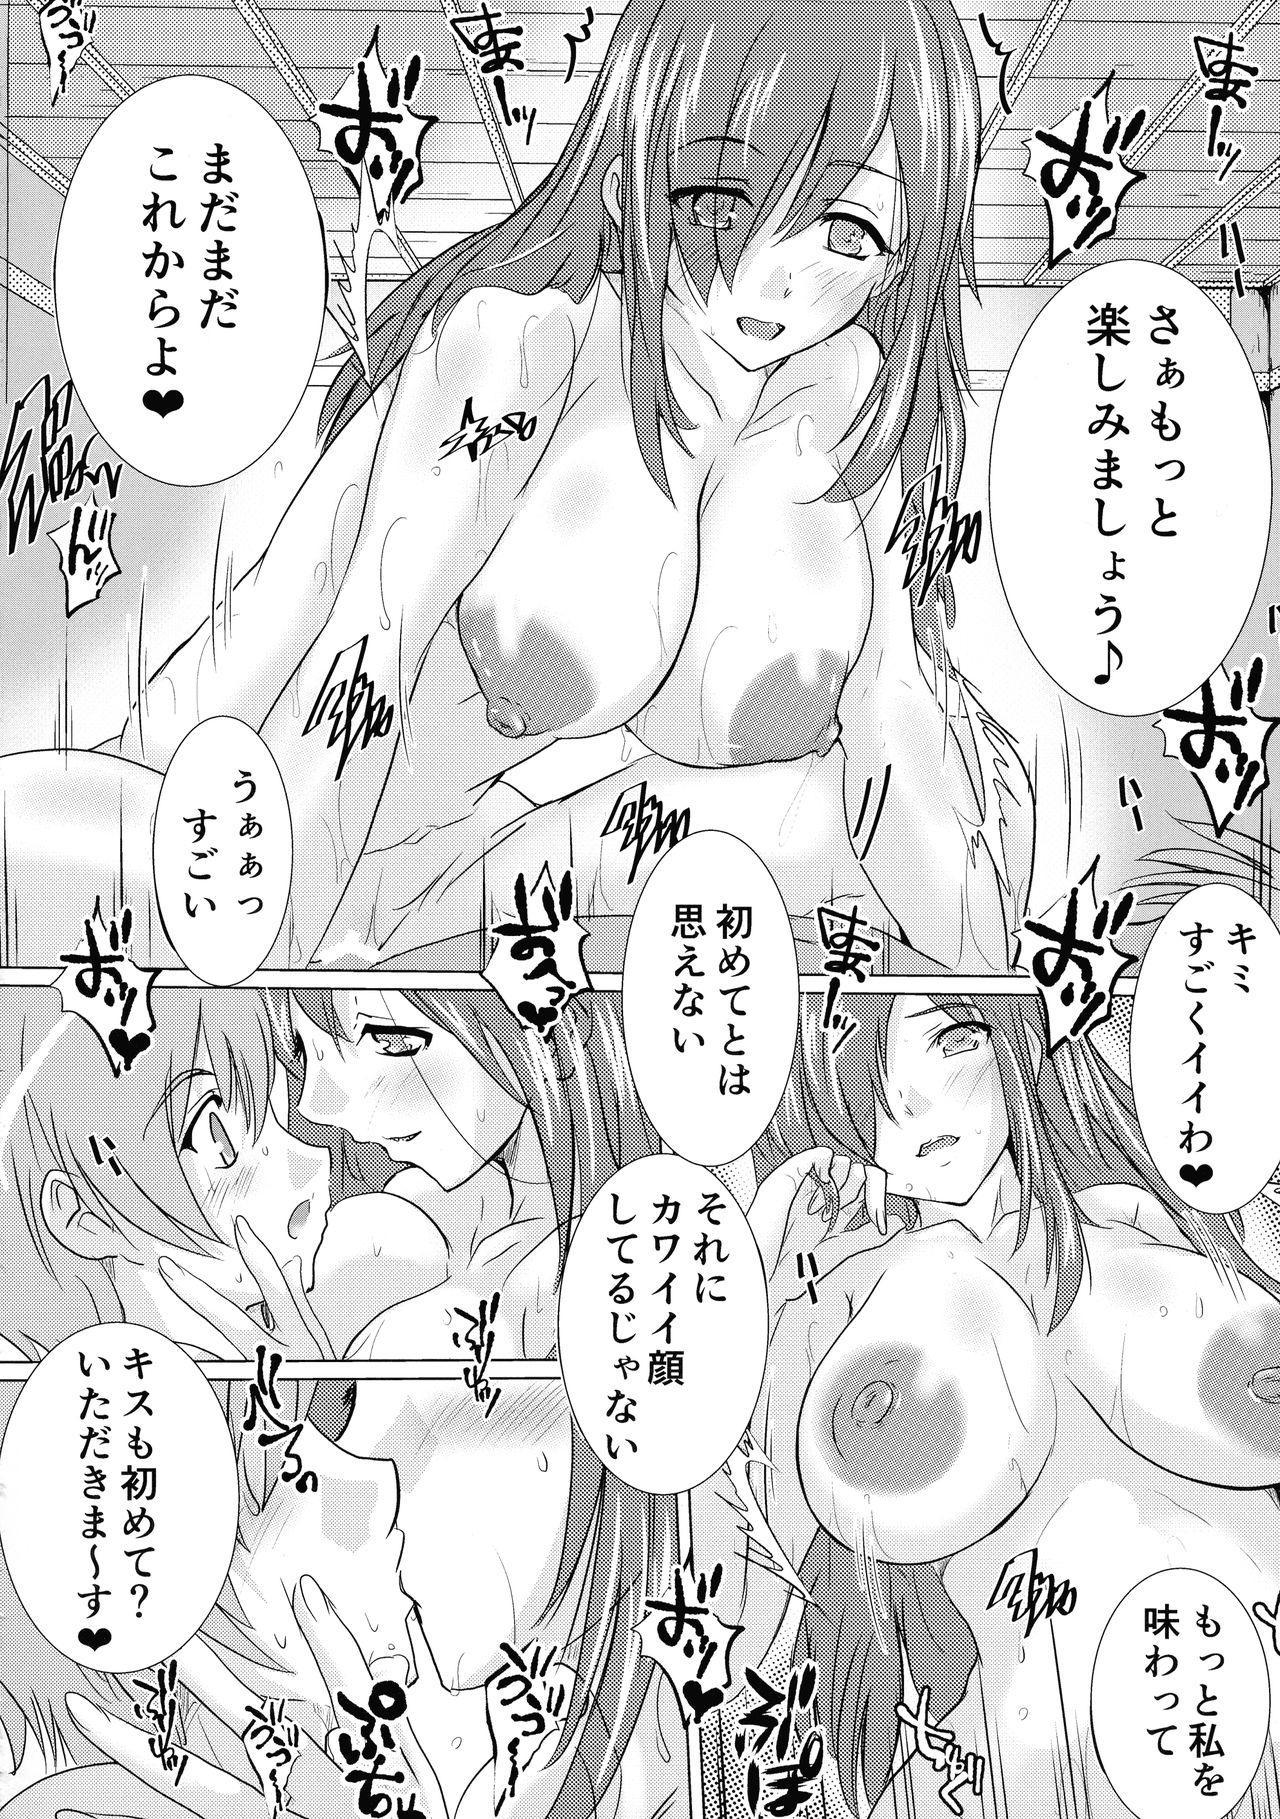 Kono Iyarashii Tenshu ni 13